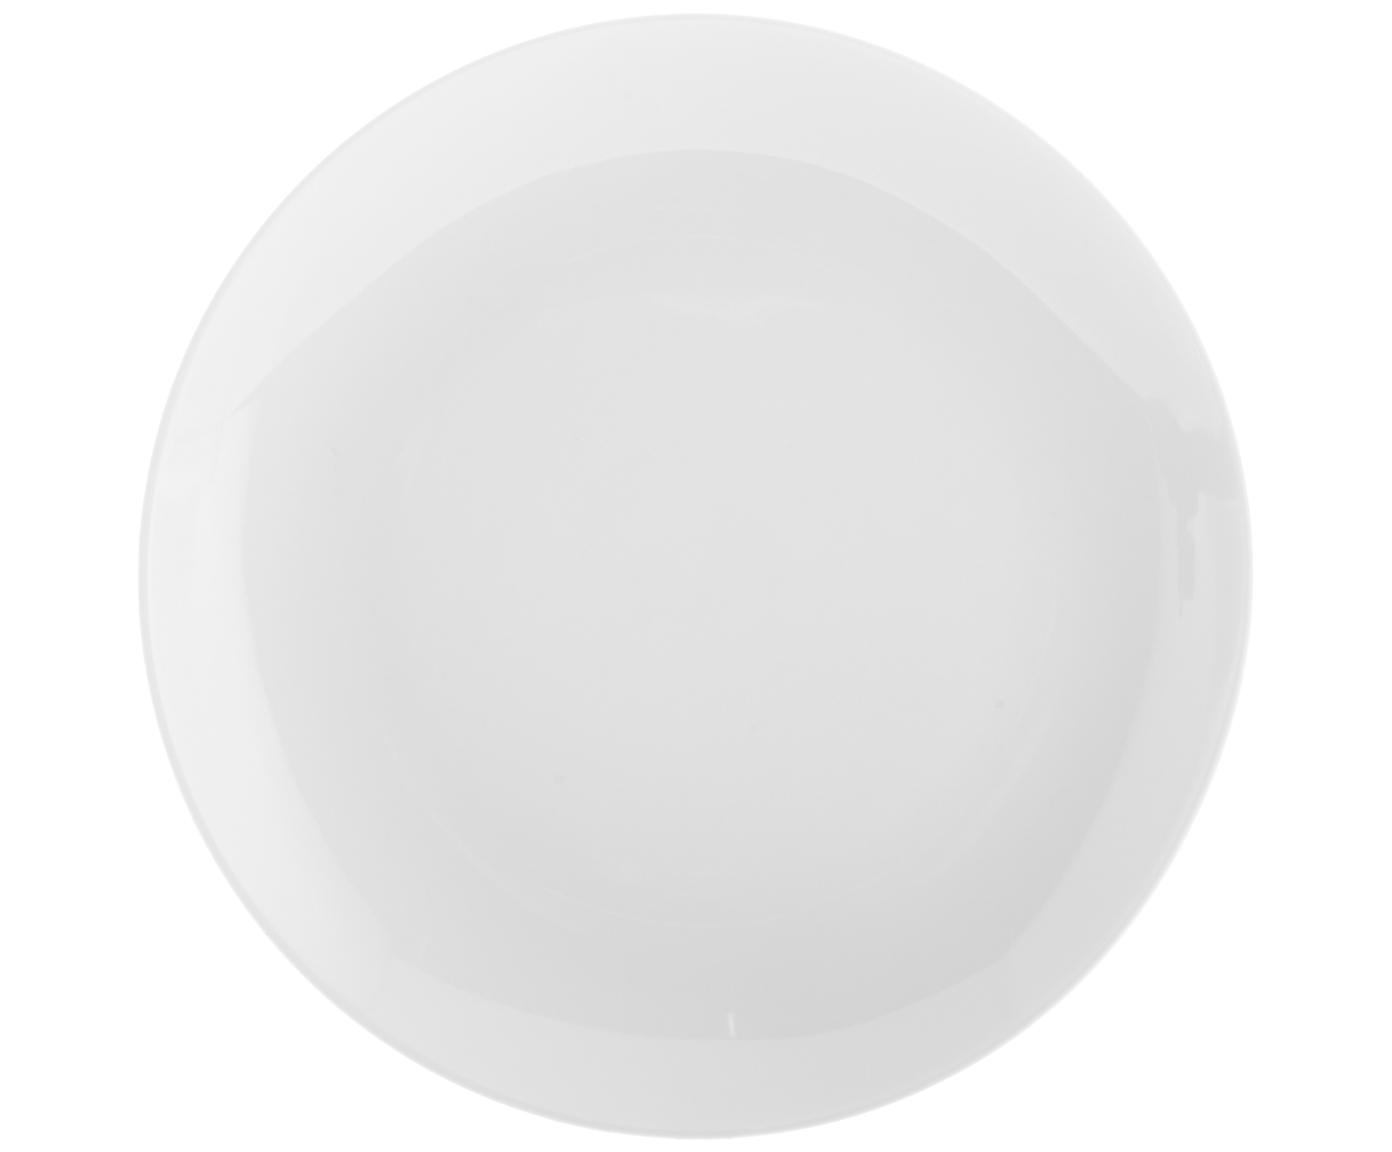 Frühstücksteller Delight Modern, 2 Stück, Porzellan, Weiss, Ø 20 cm